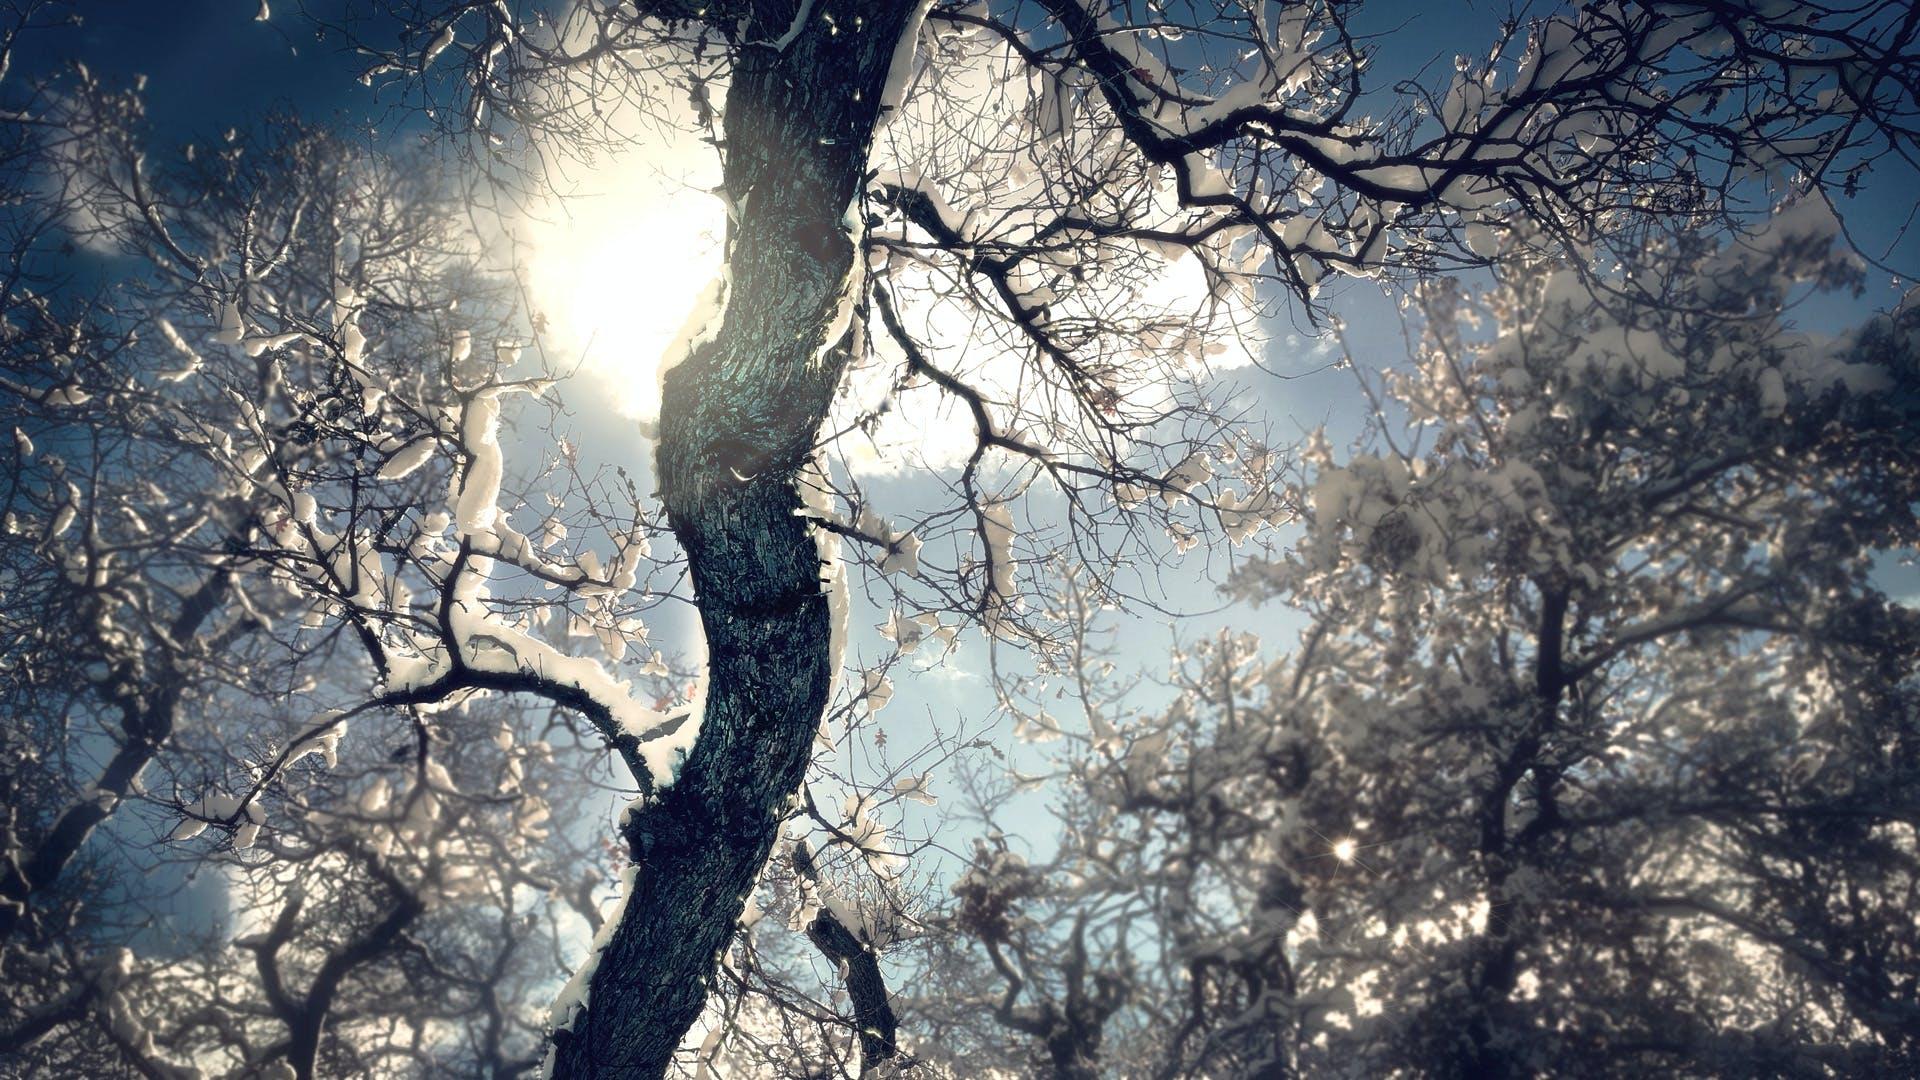 Kostenloses Stock Foto zu allein, ast, aufnahme von unten, bäume